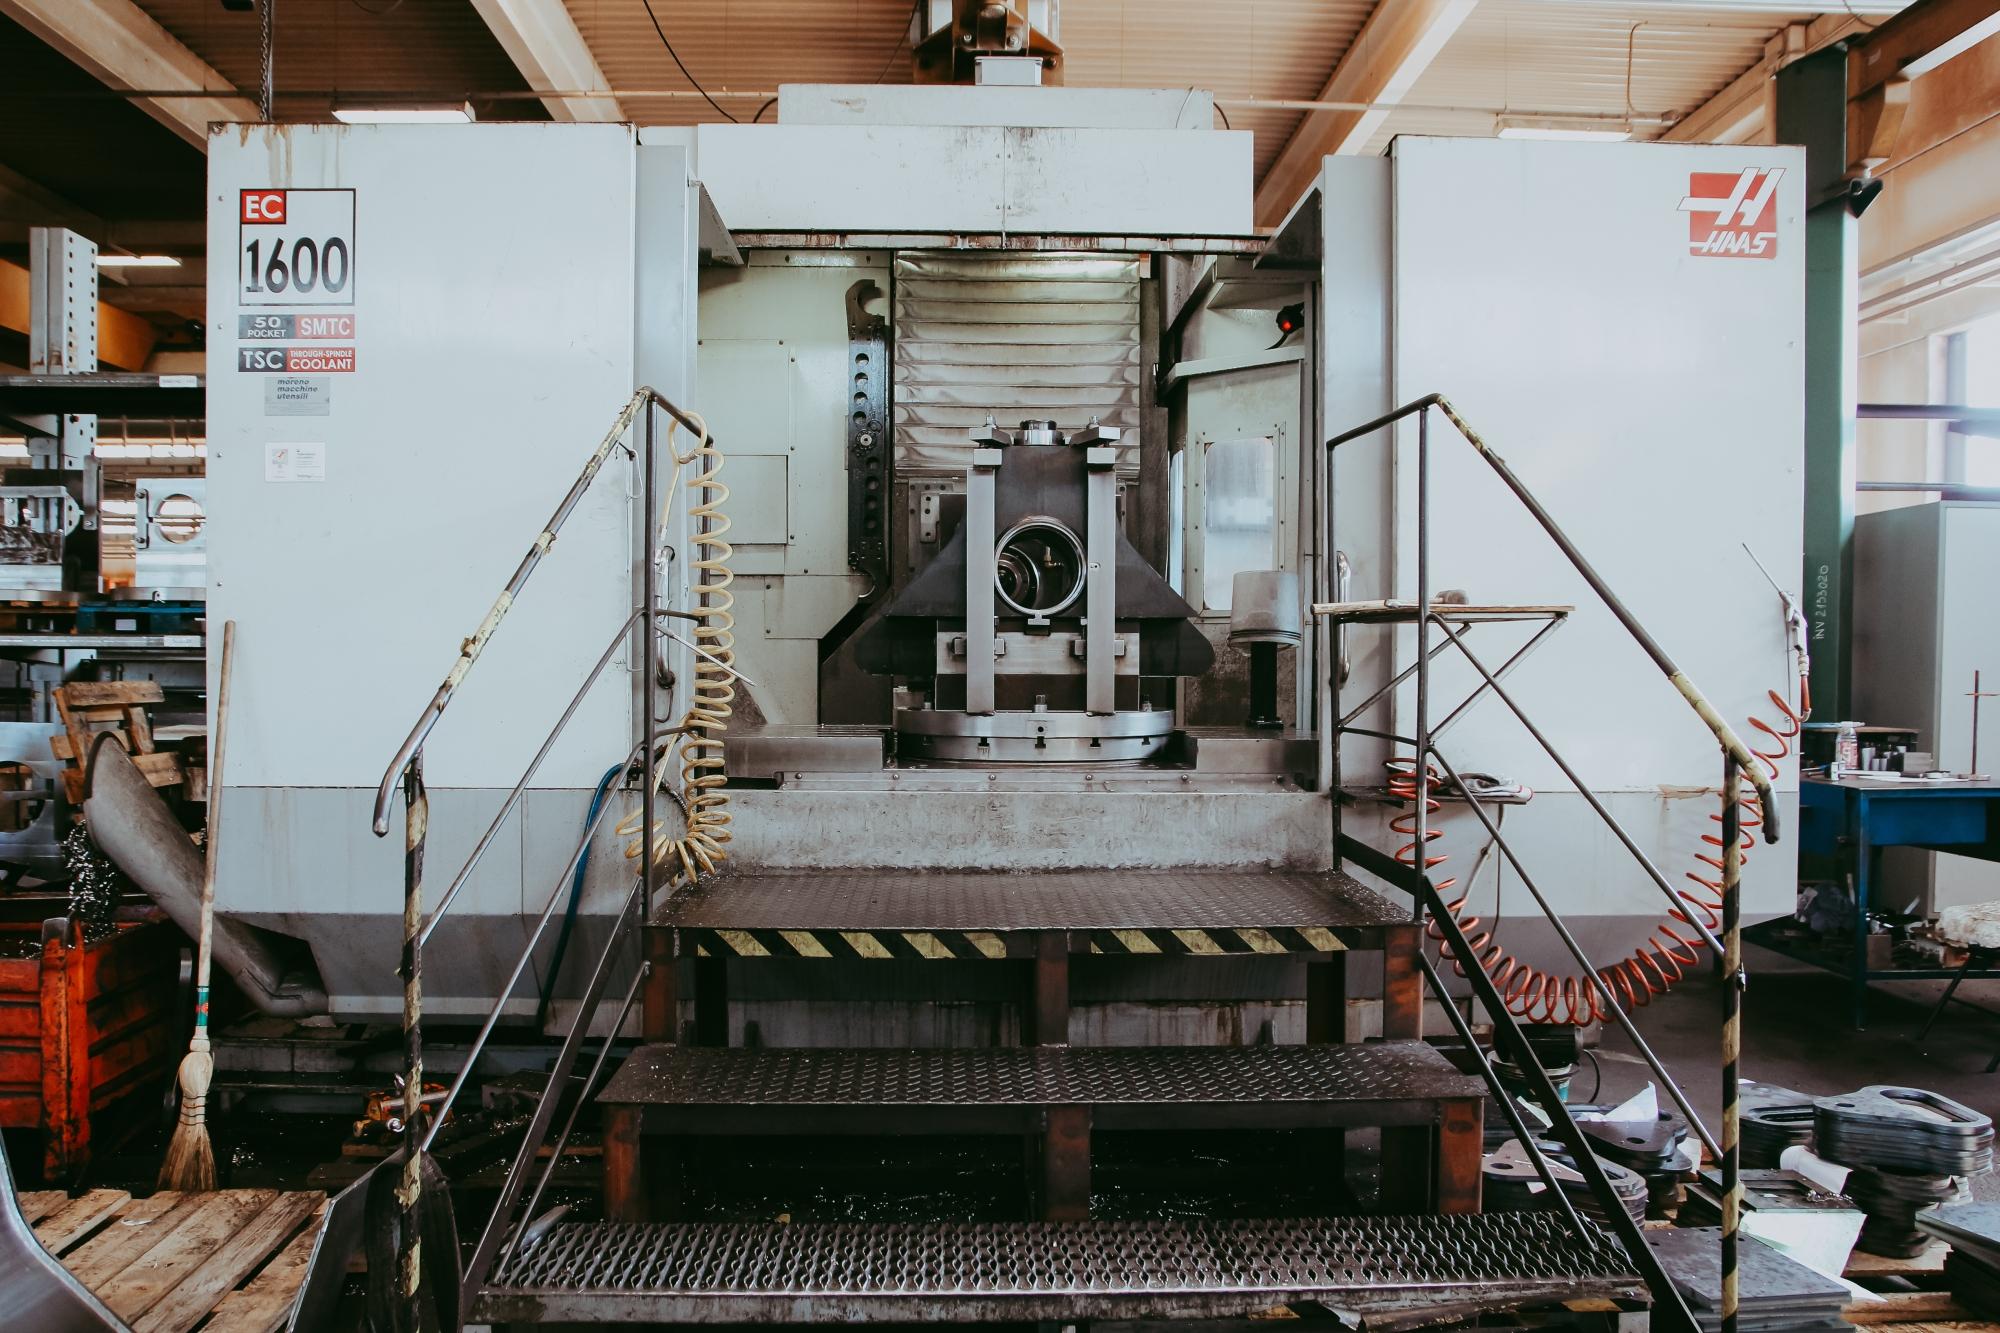 Mașină hidraulică pentru îndoirea plăcilor de oțel, la rece.